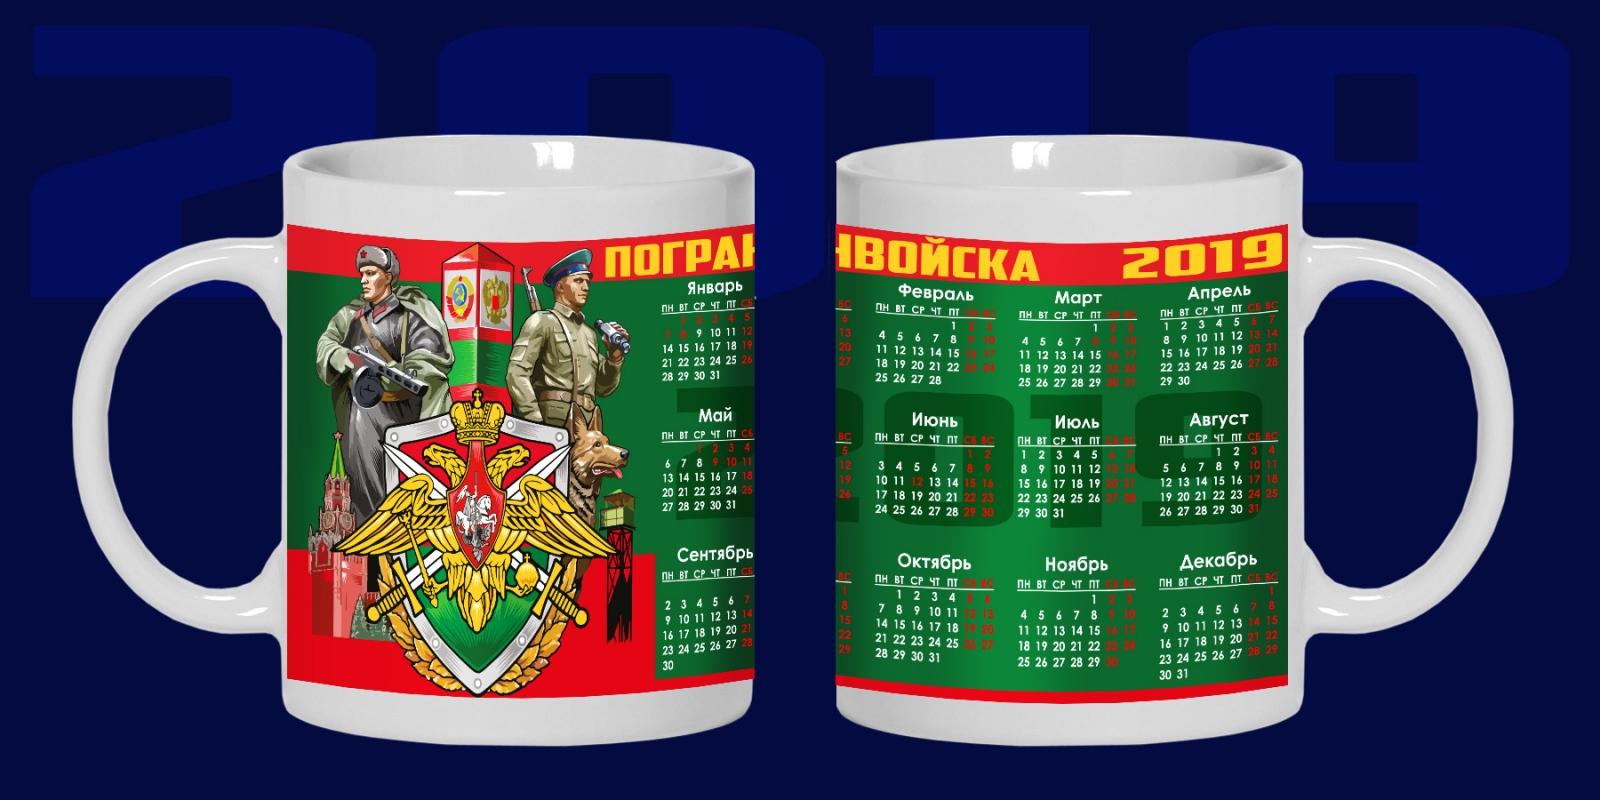 Пограничная кружка-календарь на 2019 год